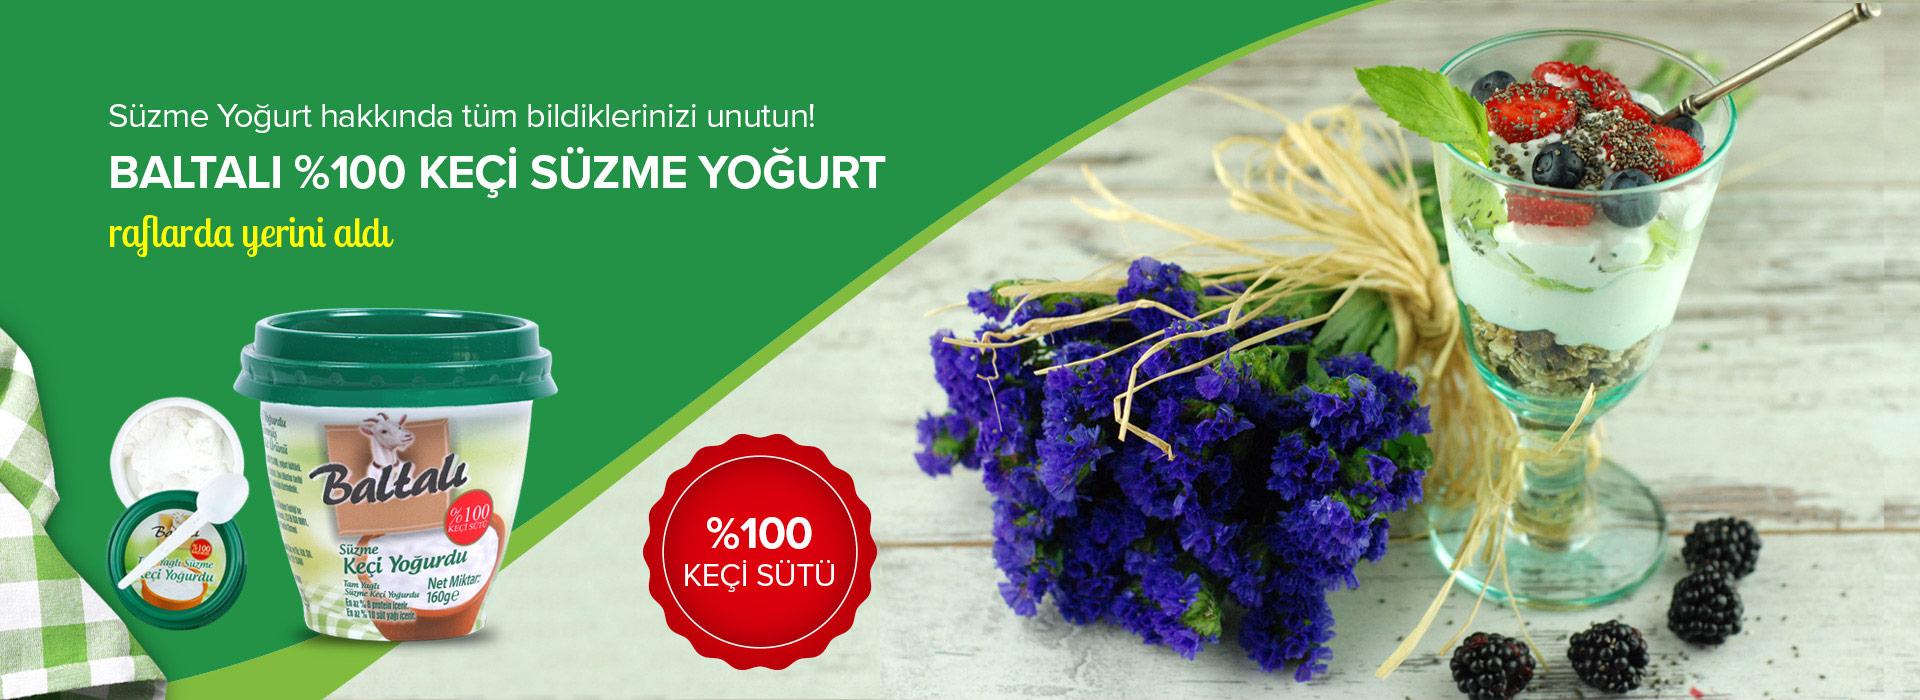 http://baltali.com.tr/urunler/baltali-suzme-yogurt/